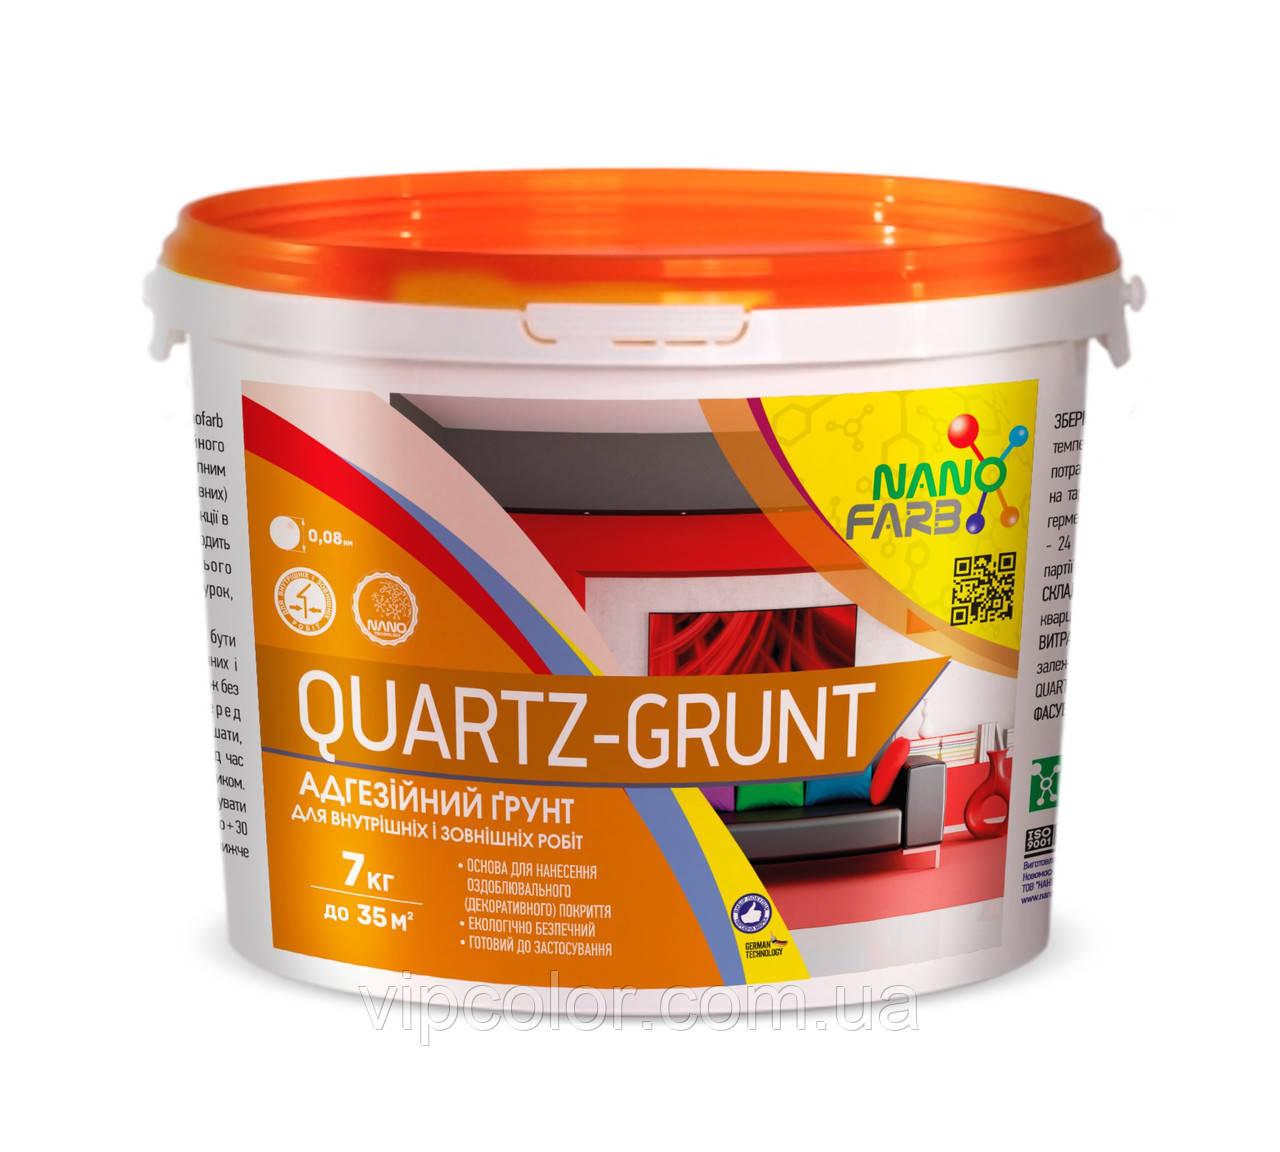 Адгезионная грунтовка универсальная Quartz-grunt Nano farb 7 кг